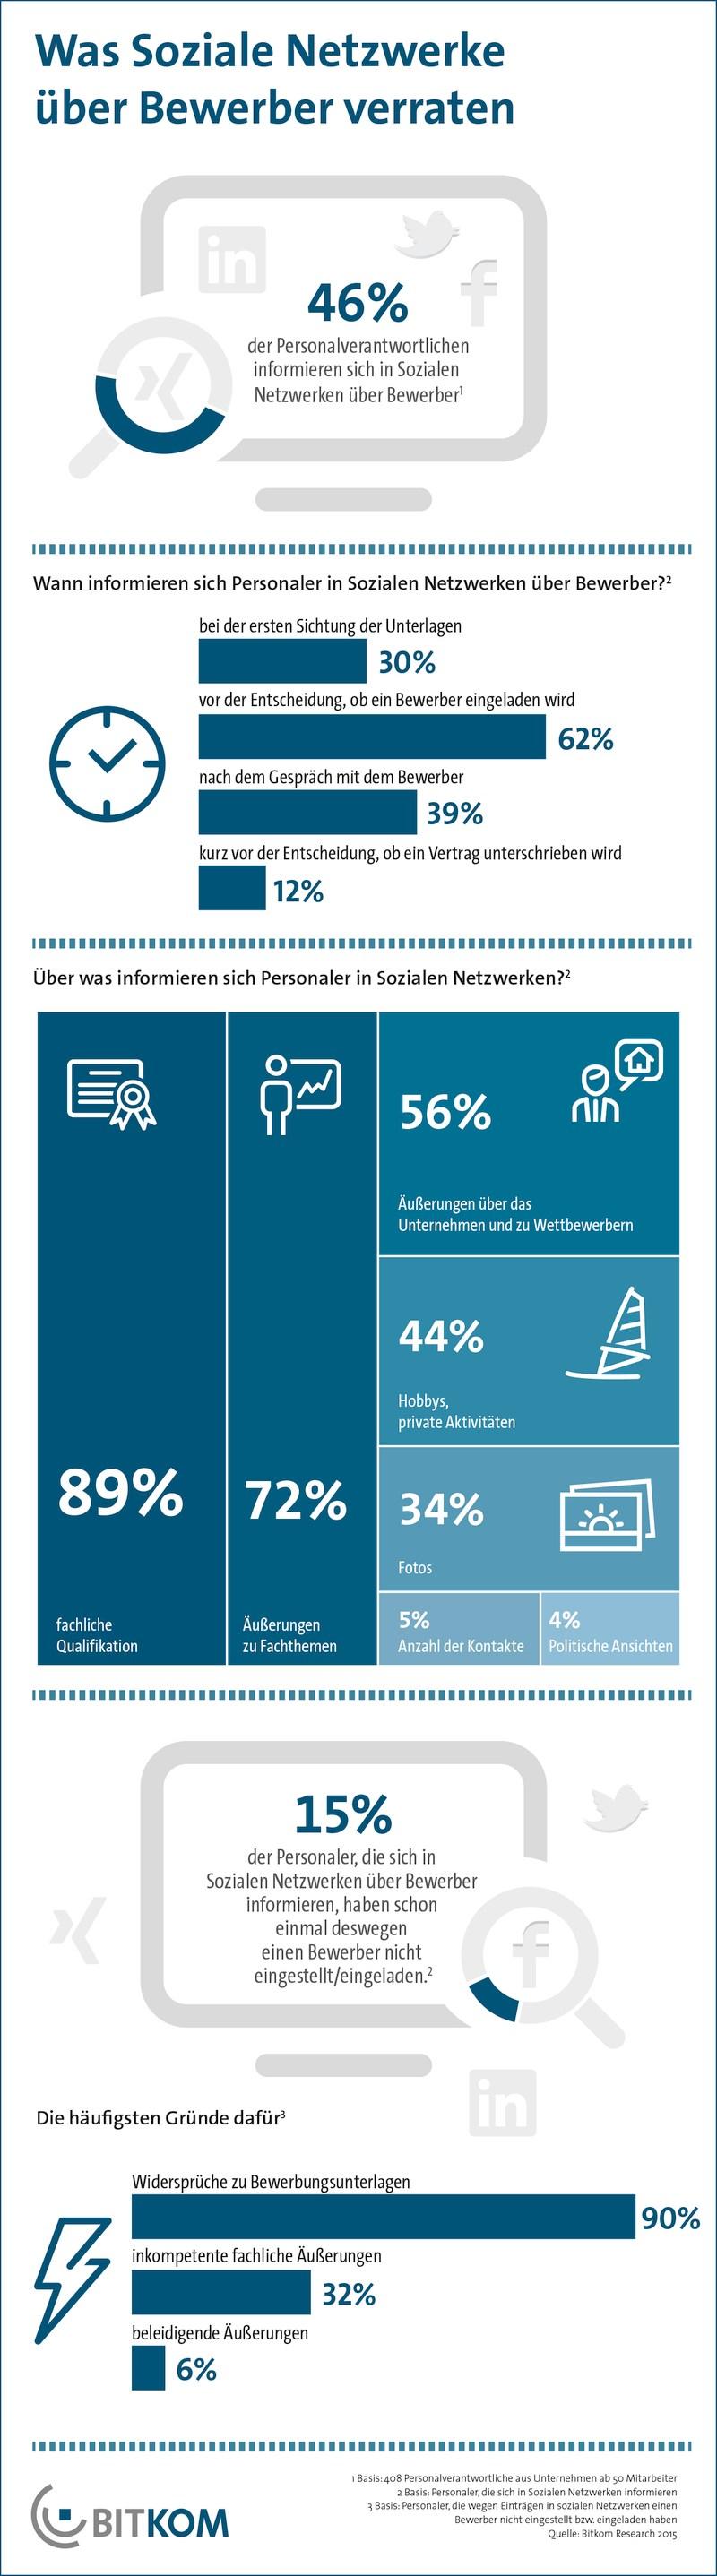 infografik bitkom bewerber soziale netzwerke